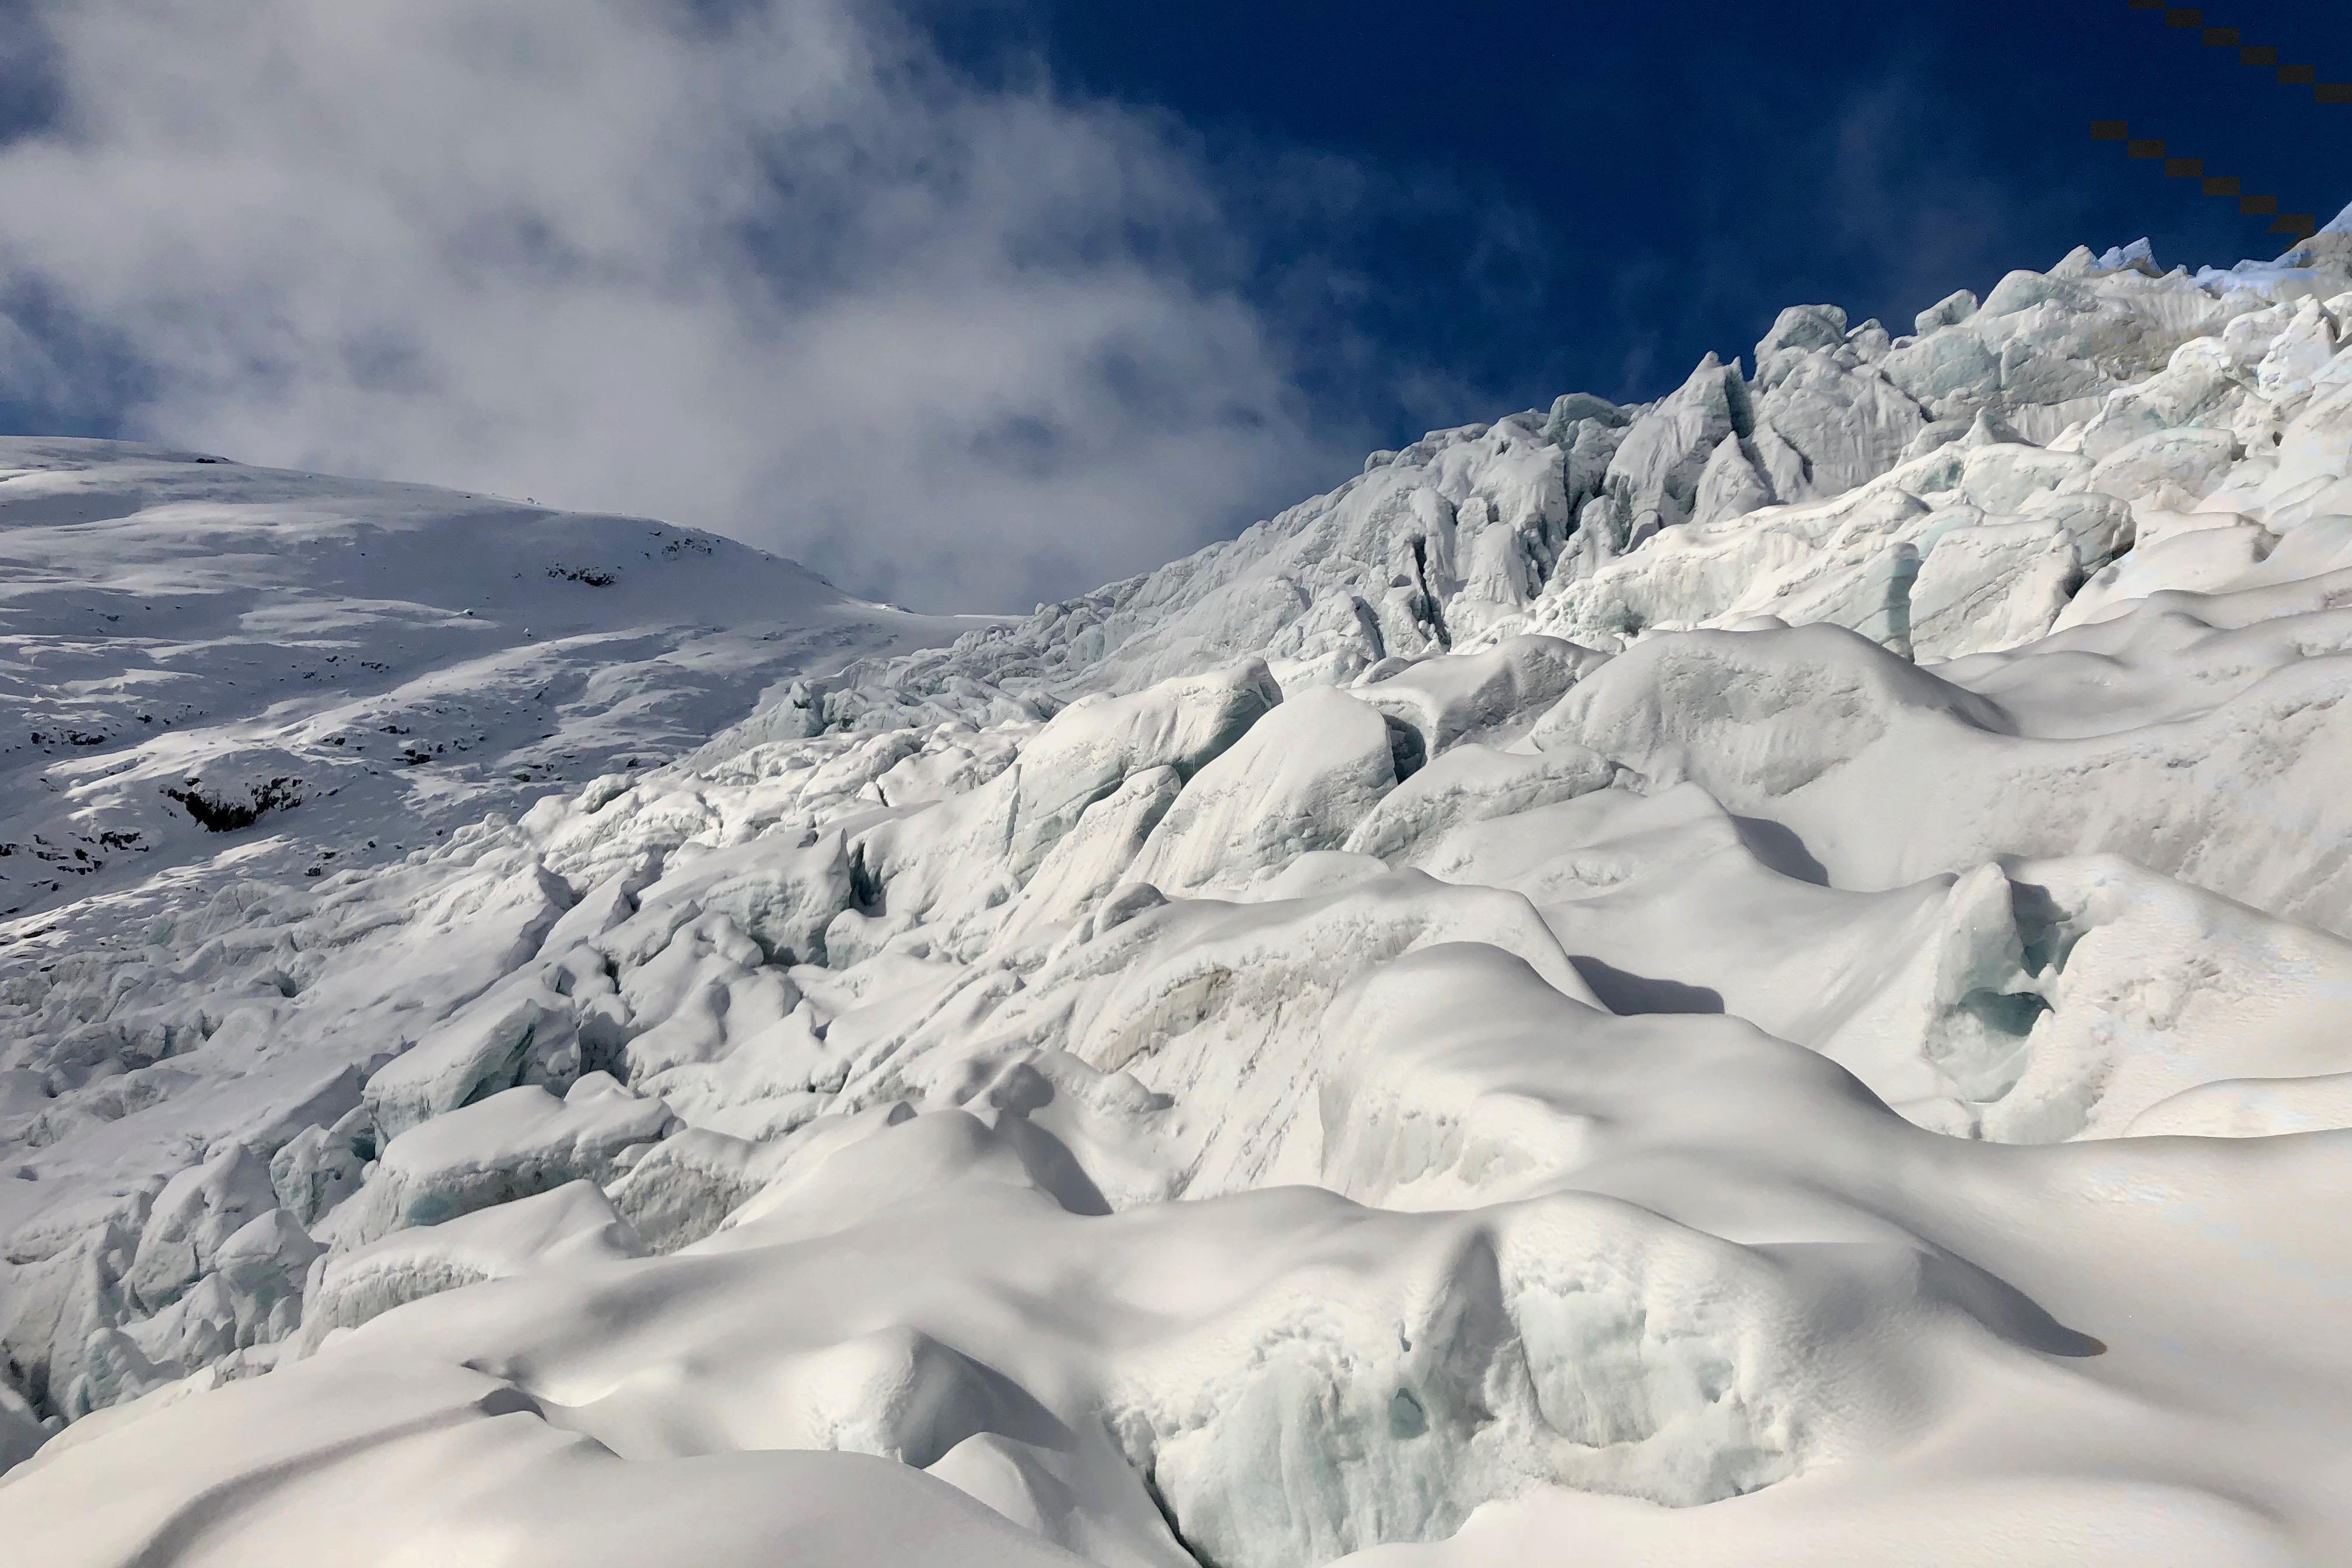 Den oppsrukne delen av Tuftebreen med større sprekker, tårn og isvegger.